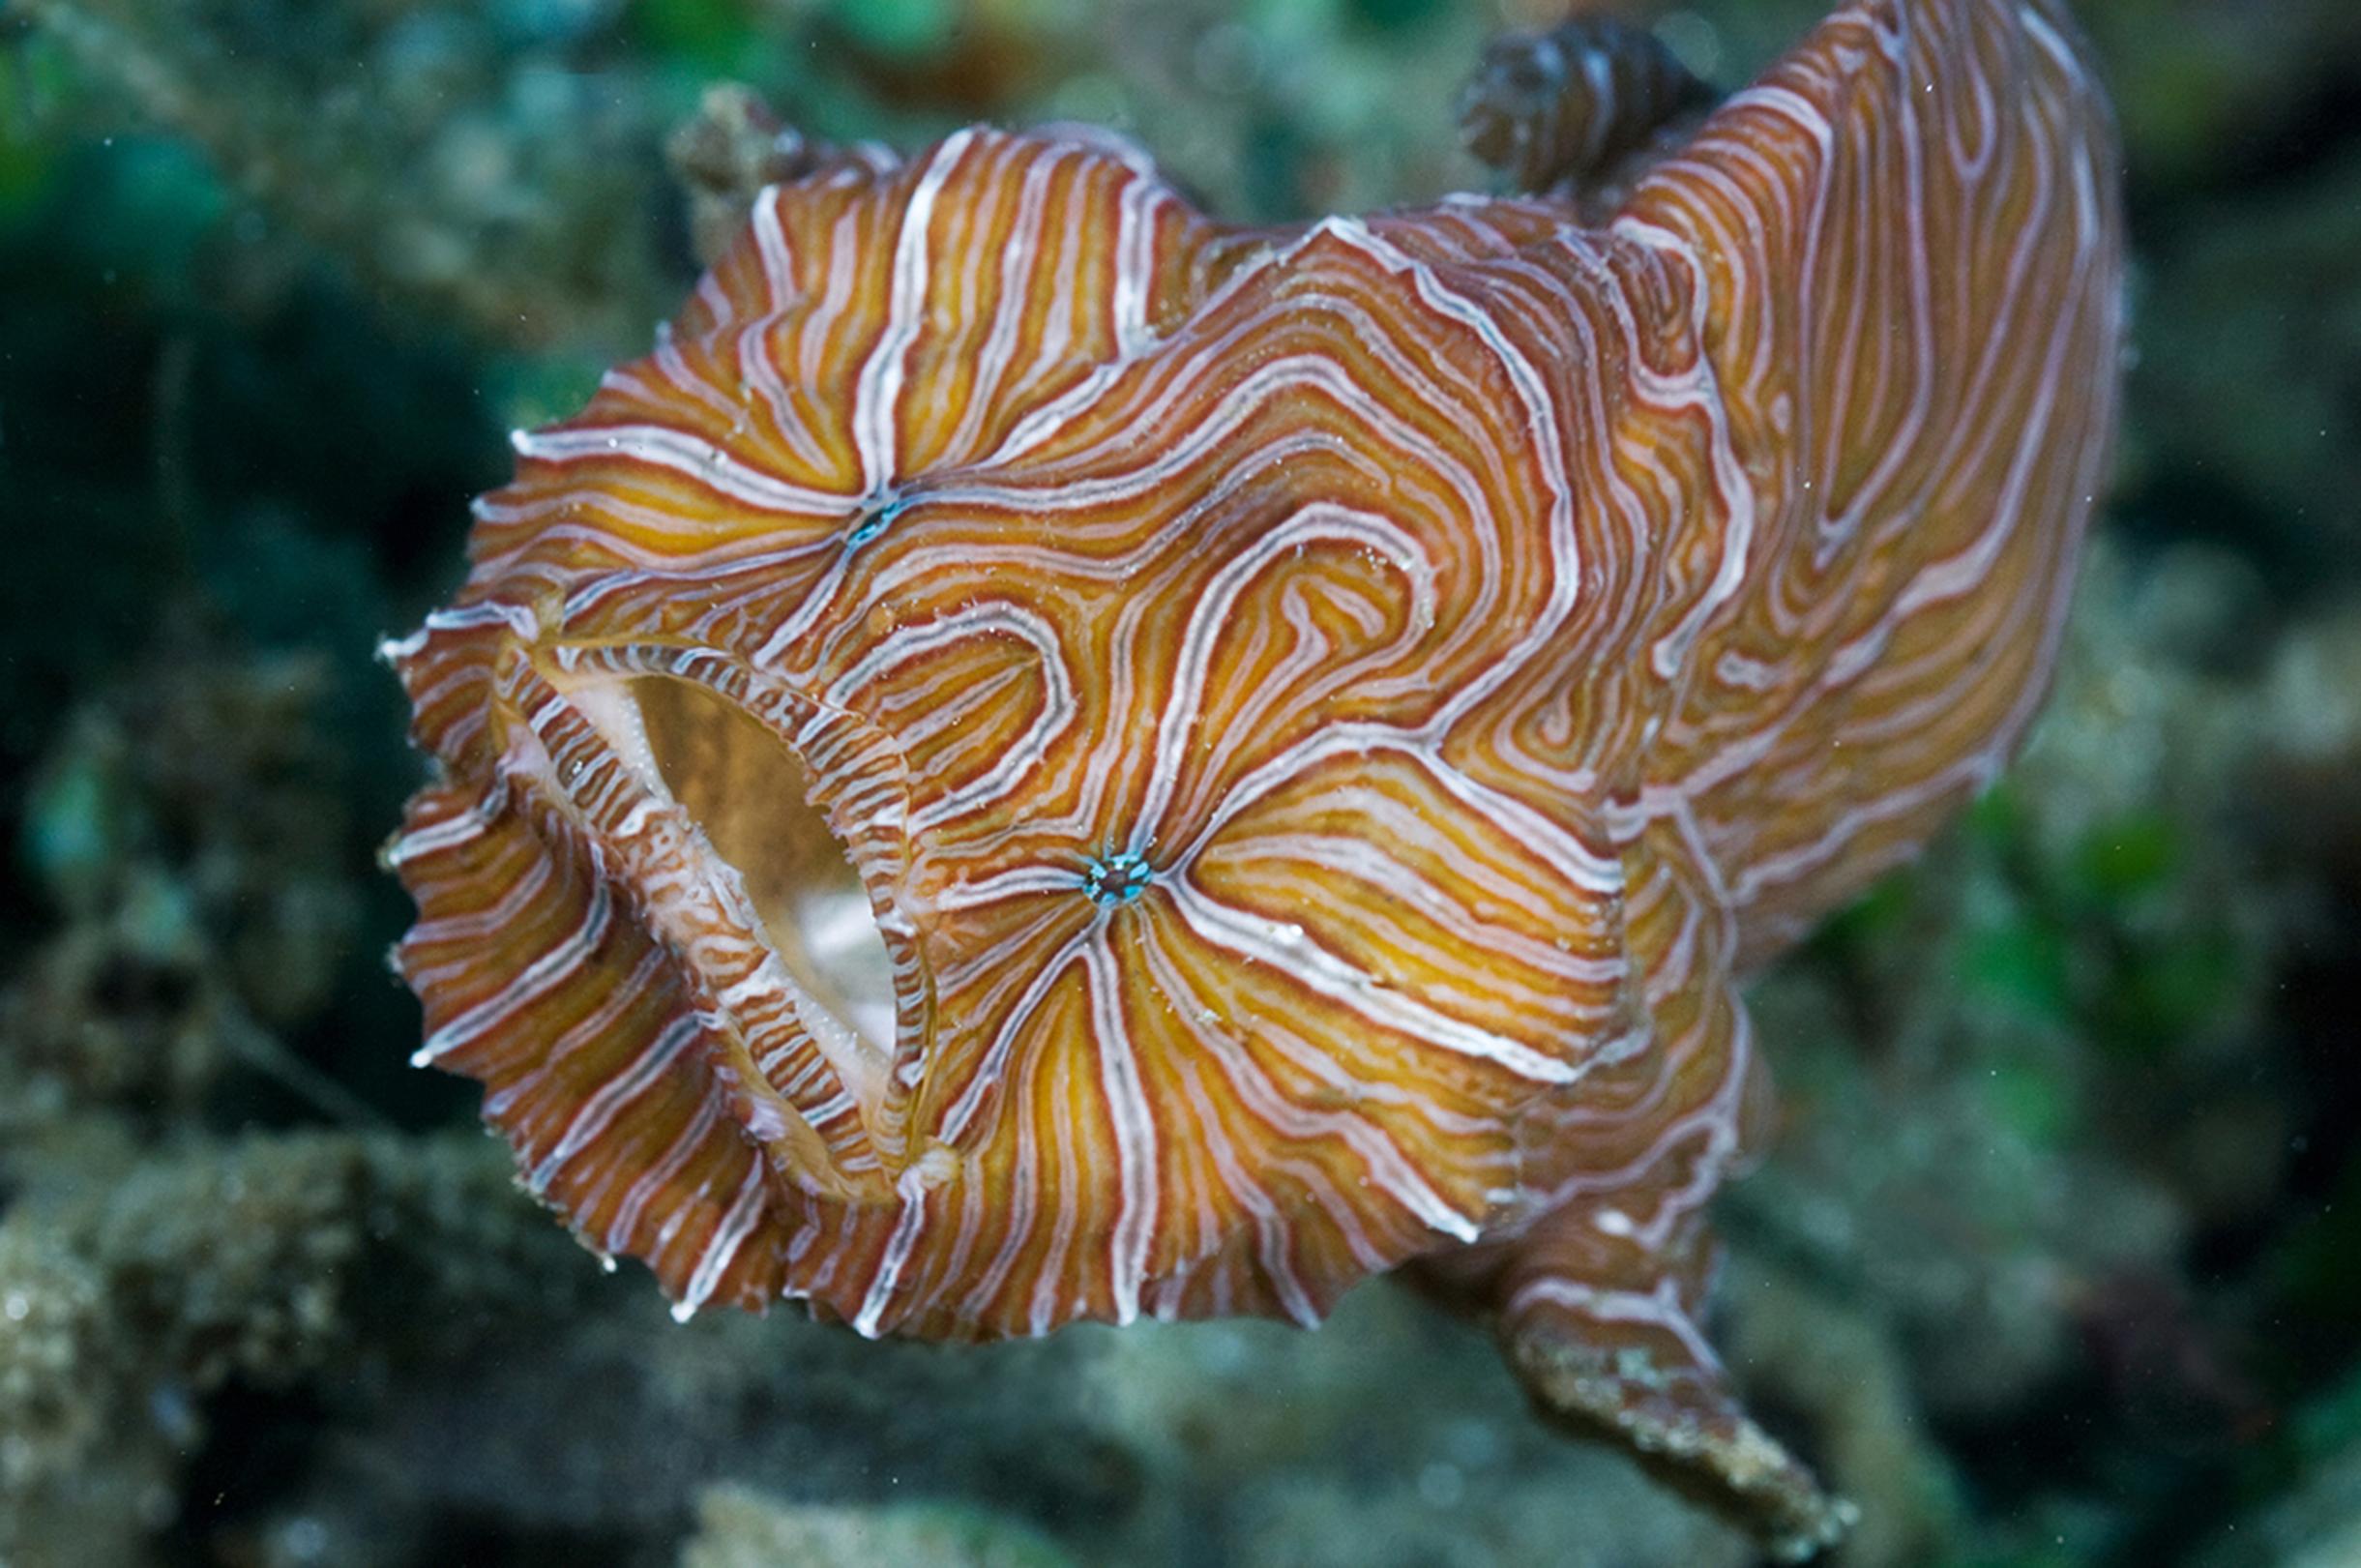 Фрогфиша, имеющего, весьма необычный дизайн камуфляжа, водолазы обнаружили в акватории порта одного из Индонезийских островов